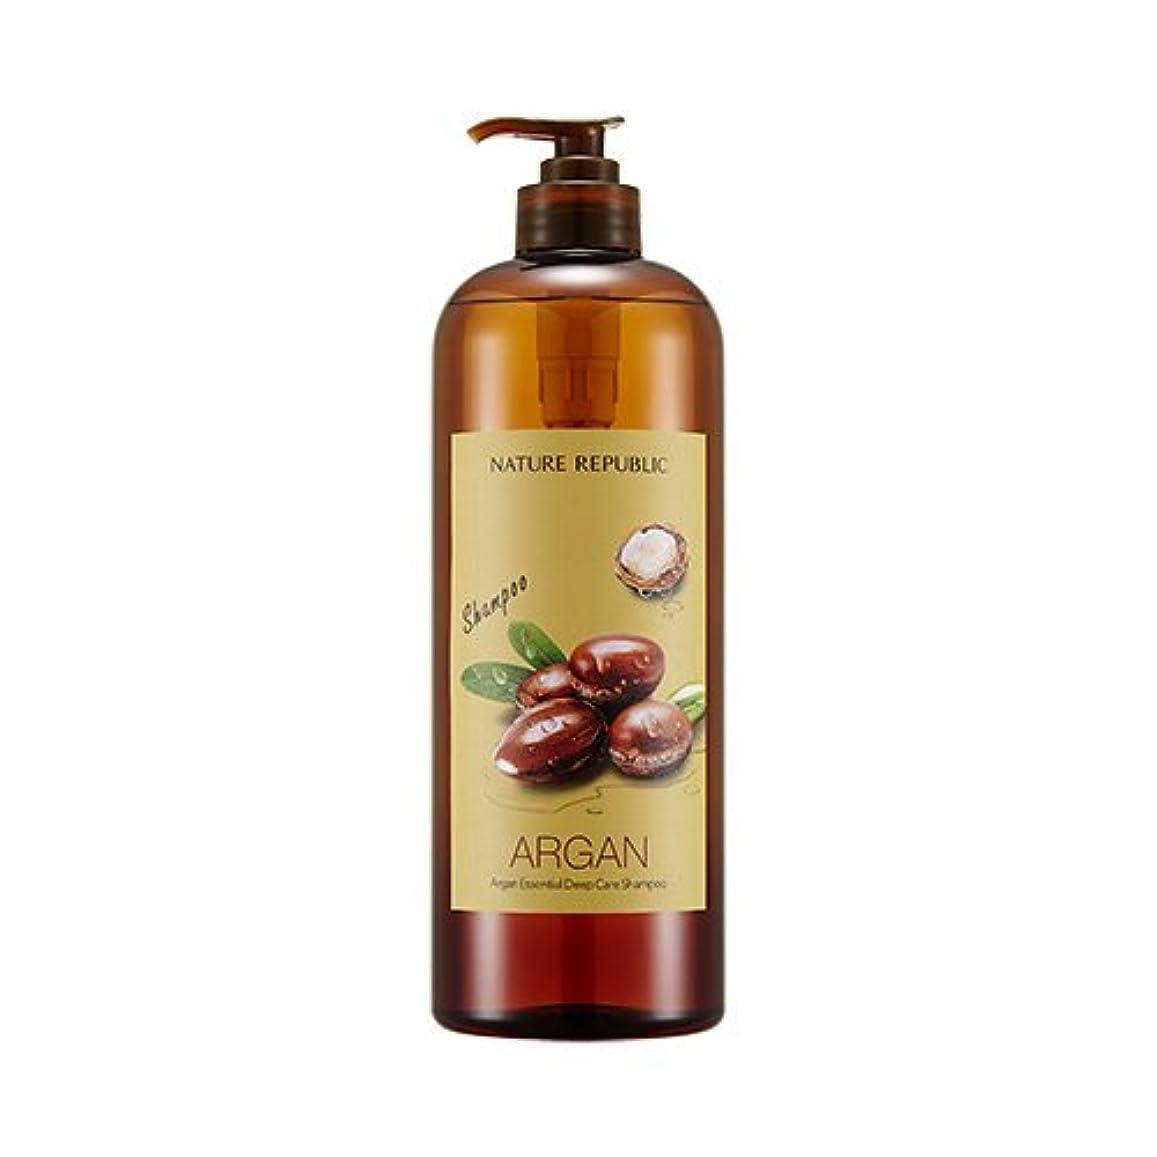 破壊的ラインナップお嬢NATURE REPUBLIC Argan Essential Deep Care Shampoo 1000? ネイチャーリパブリック アルガンエッセンシャルディープケアシャンプー(大容量) [並行輸入品]